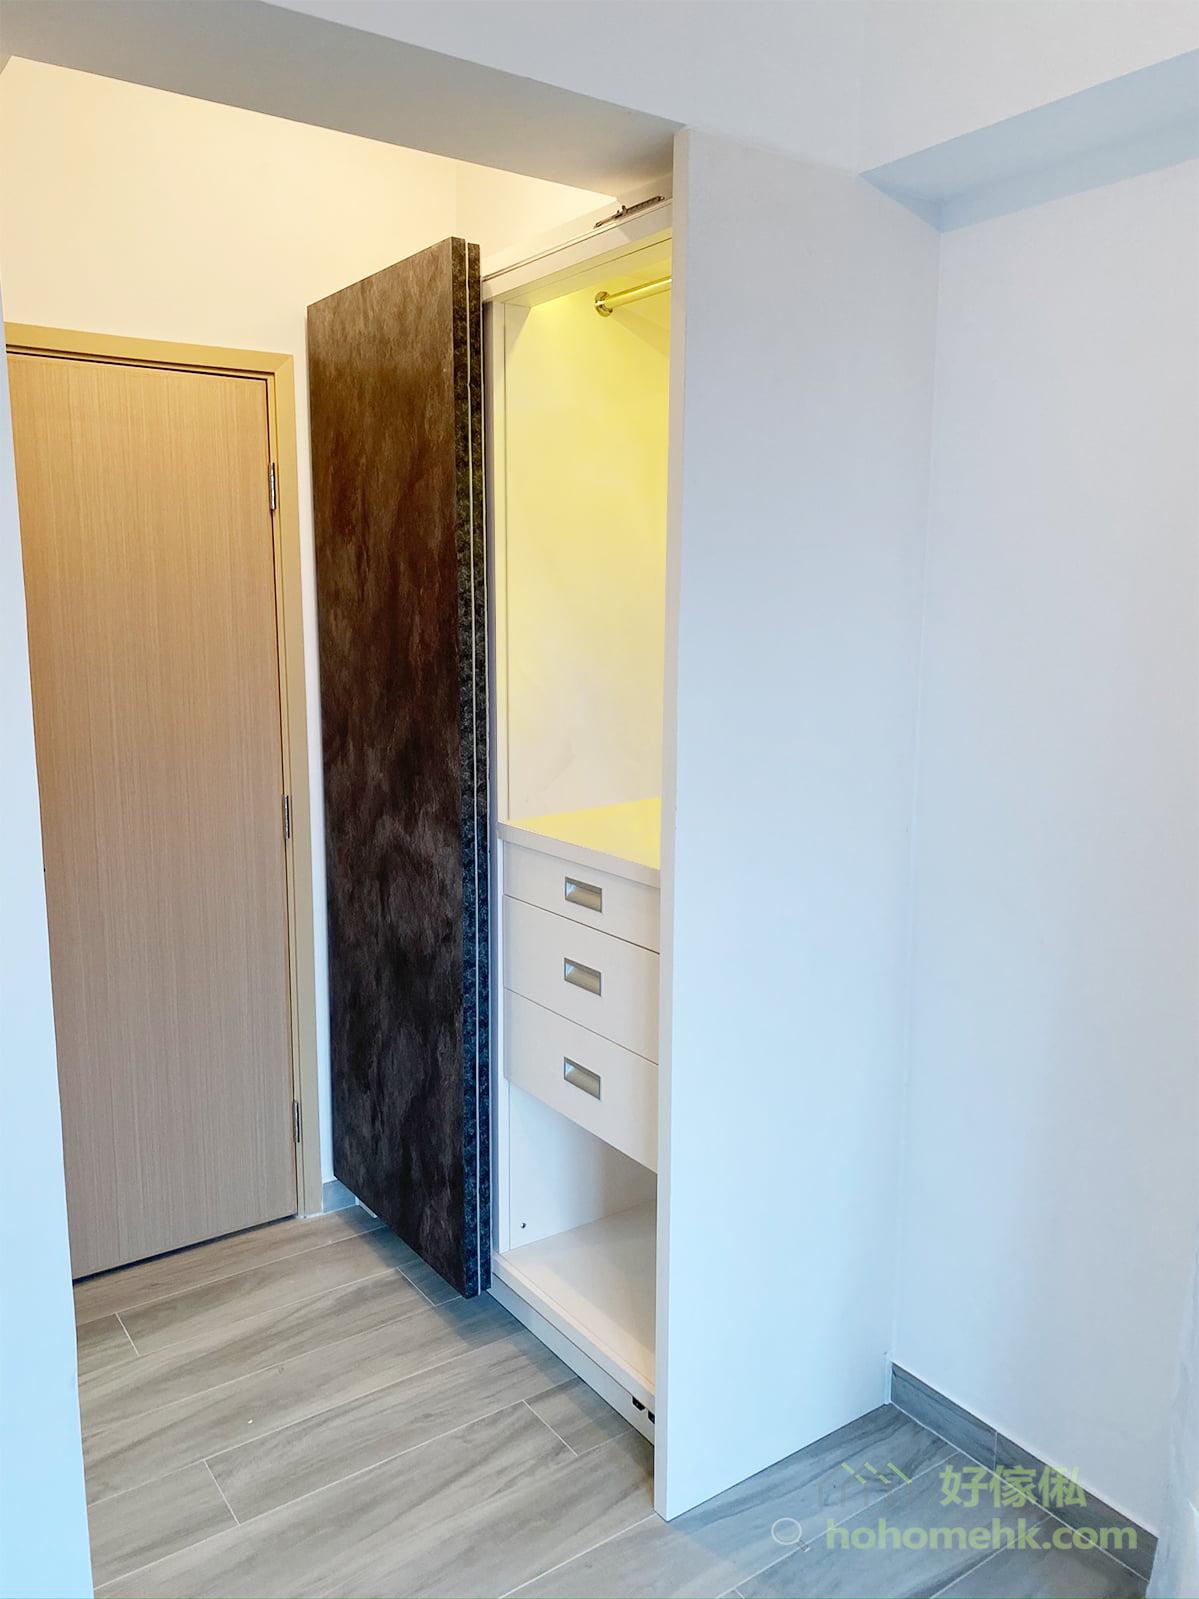 隱藏式玄關櫃, 鞋櫃, 衣櫃